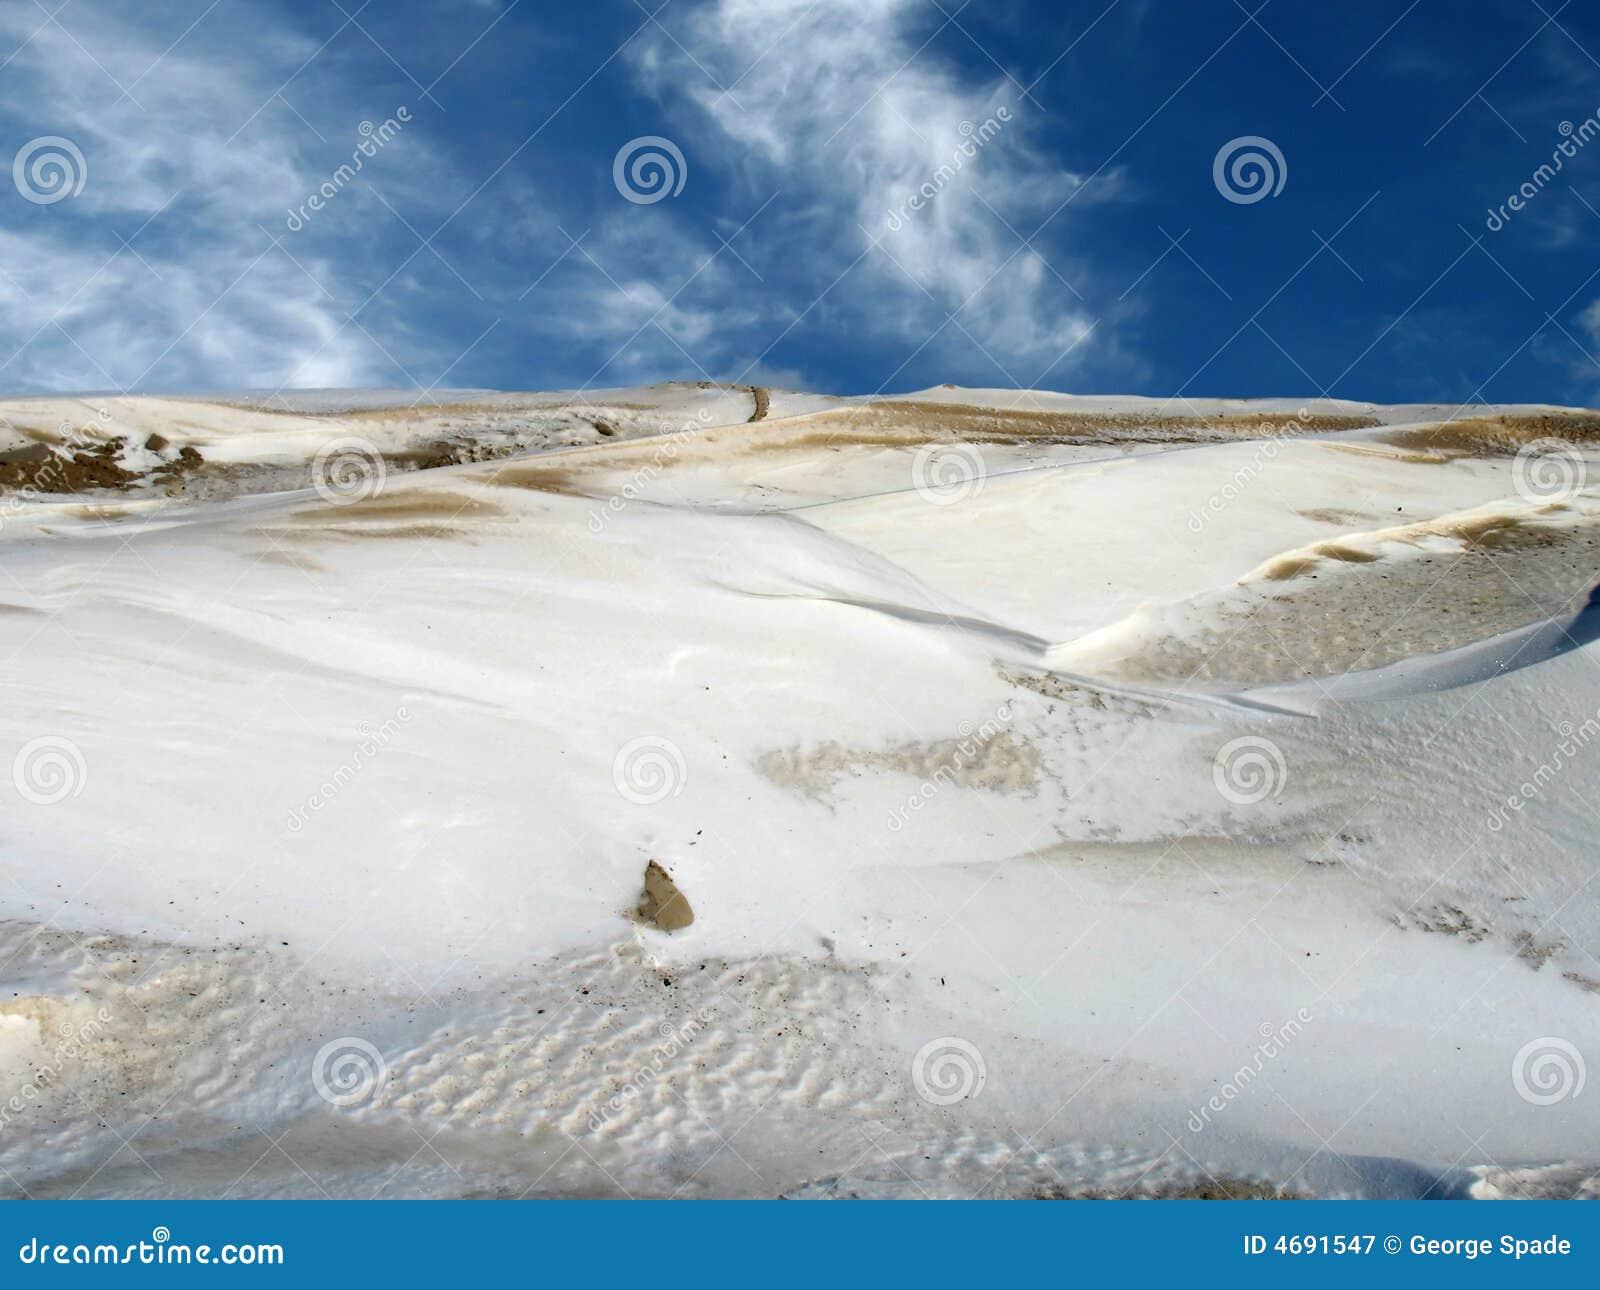 Snowy-Wüstenhimmel